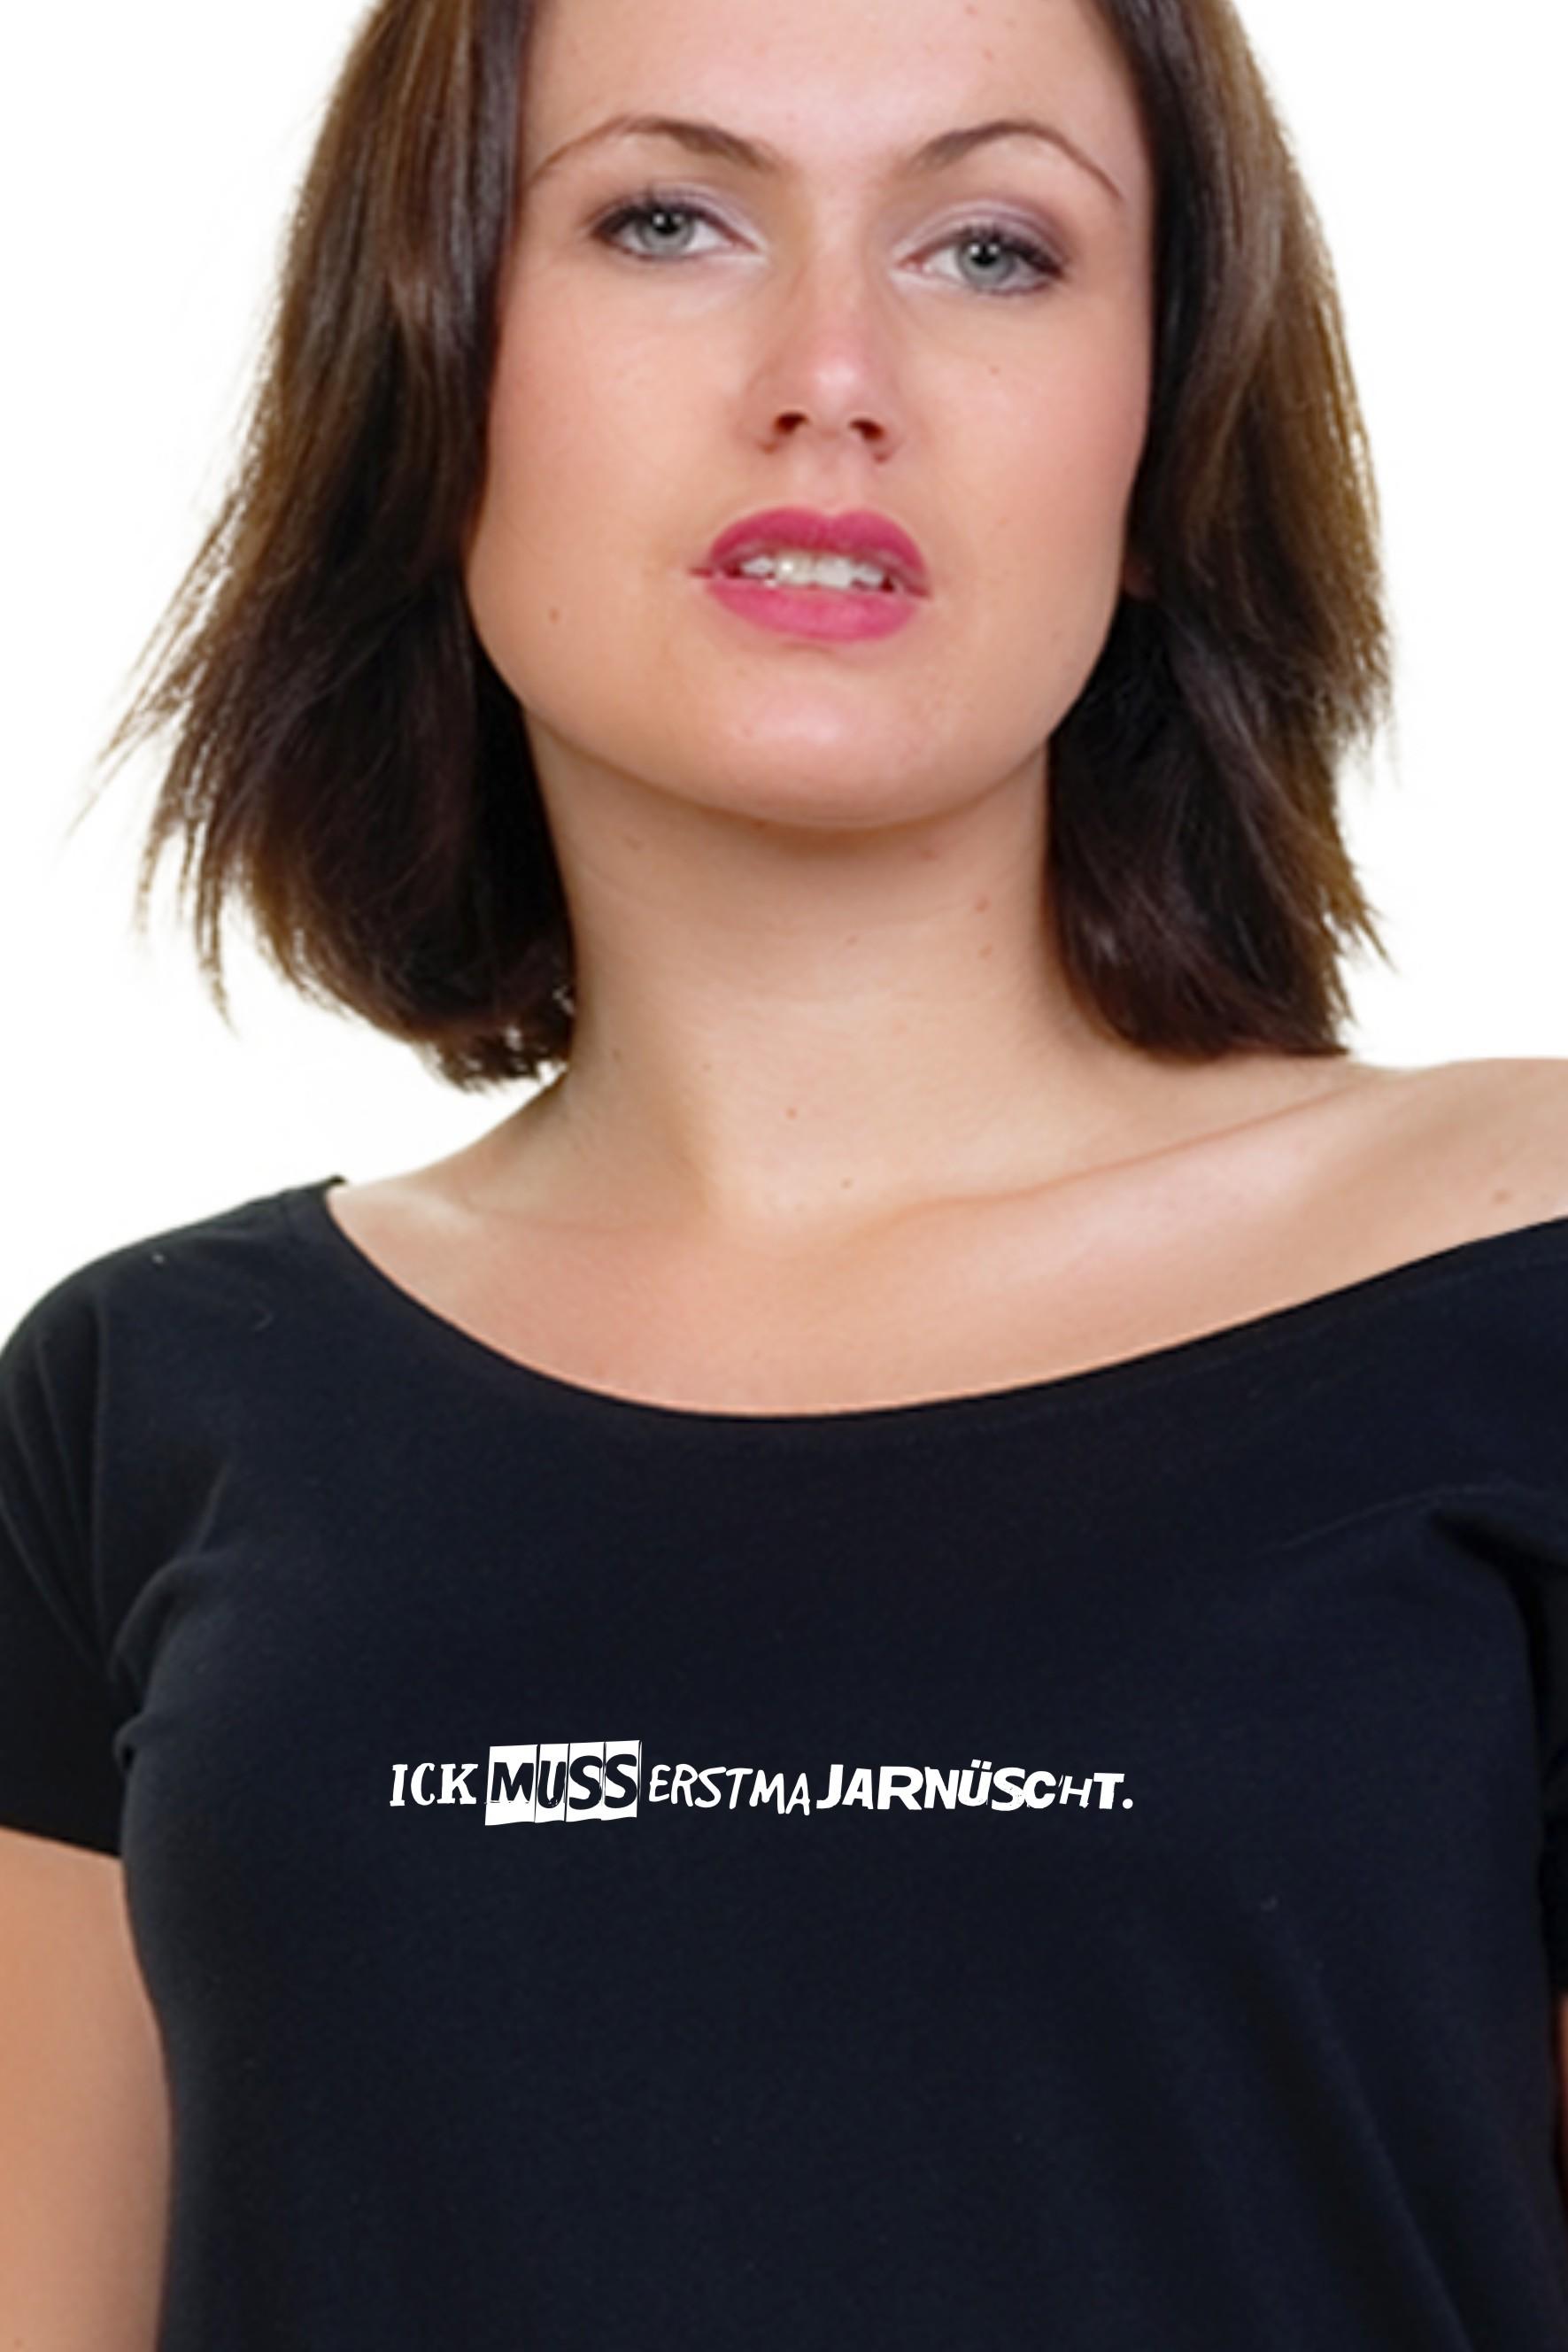 Spreeshirt Frauen Ick muss erstma jarnüscht